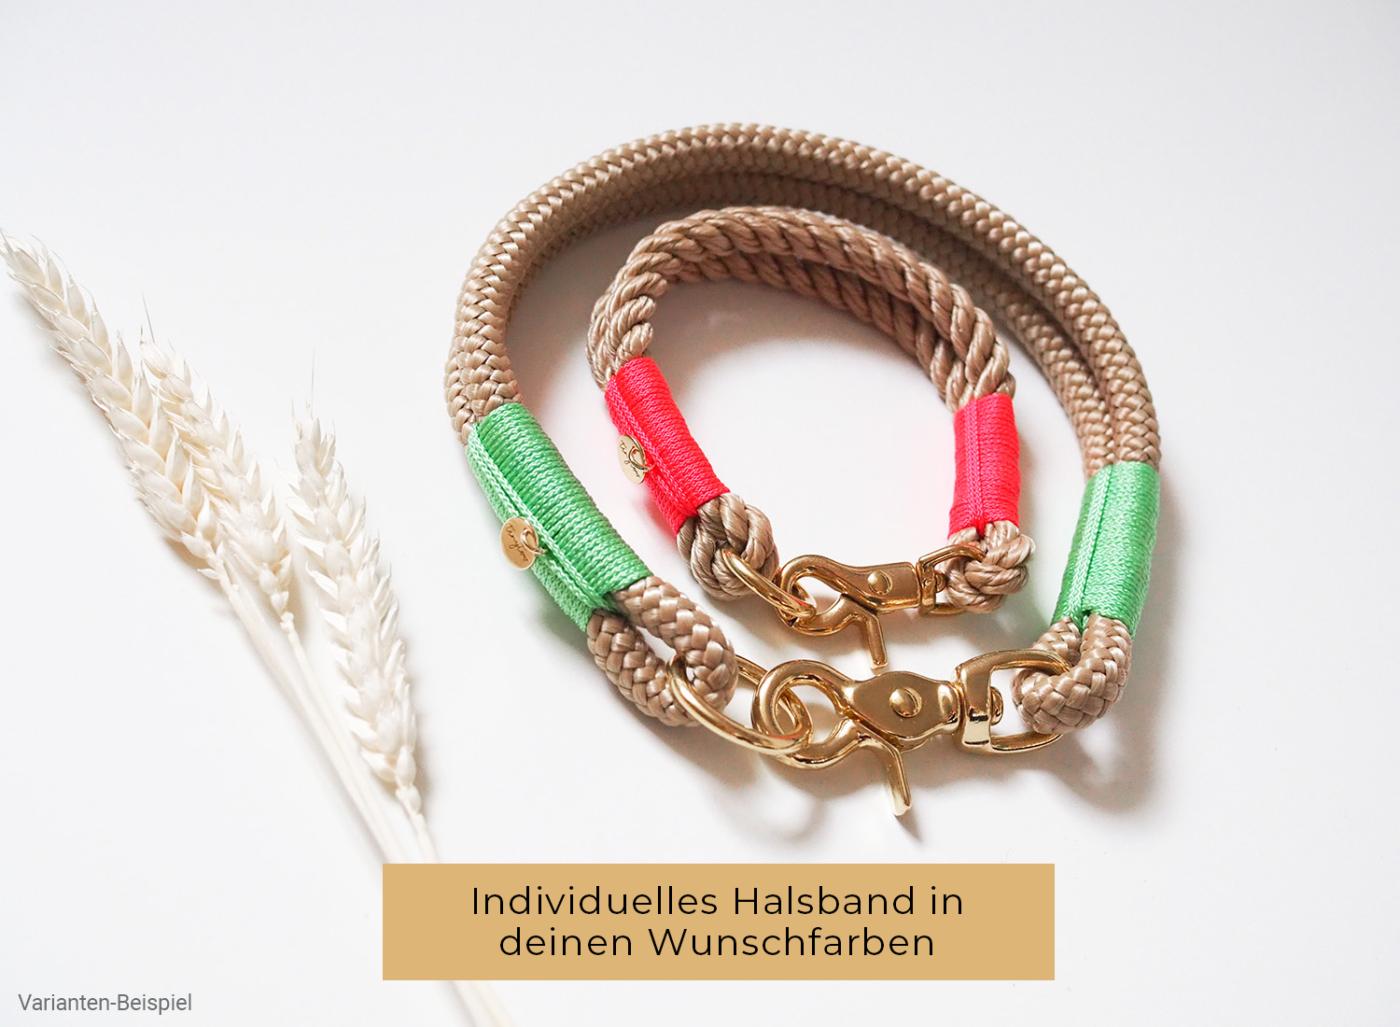 Individuelles Halsband aus Tau in deinen Wunschfarben. Passgenaues Halsband für den Hals deines Hundes.